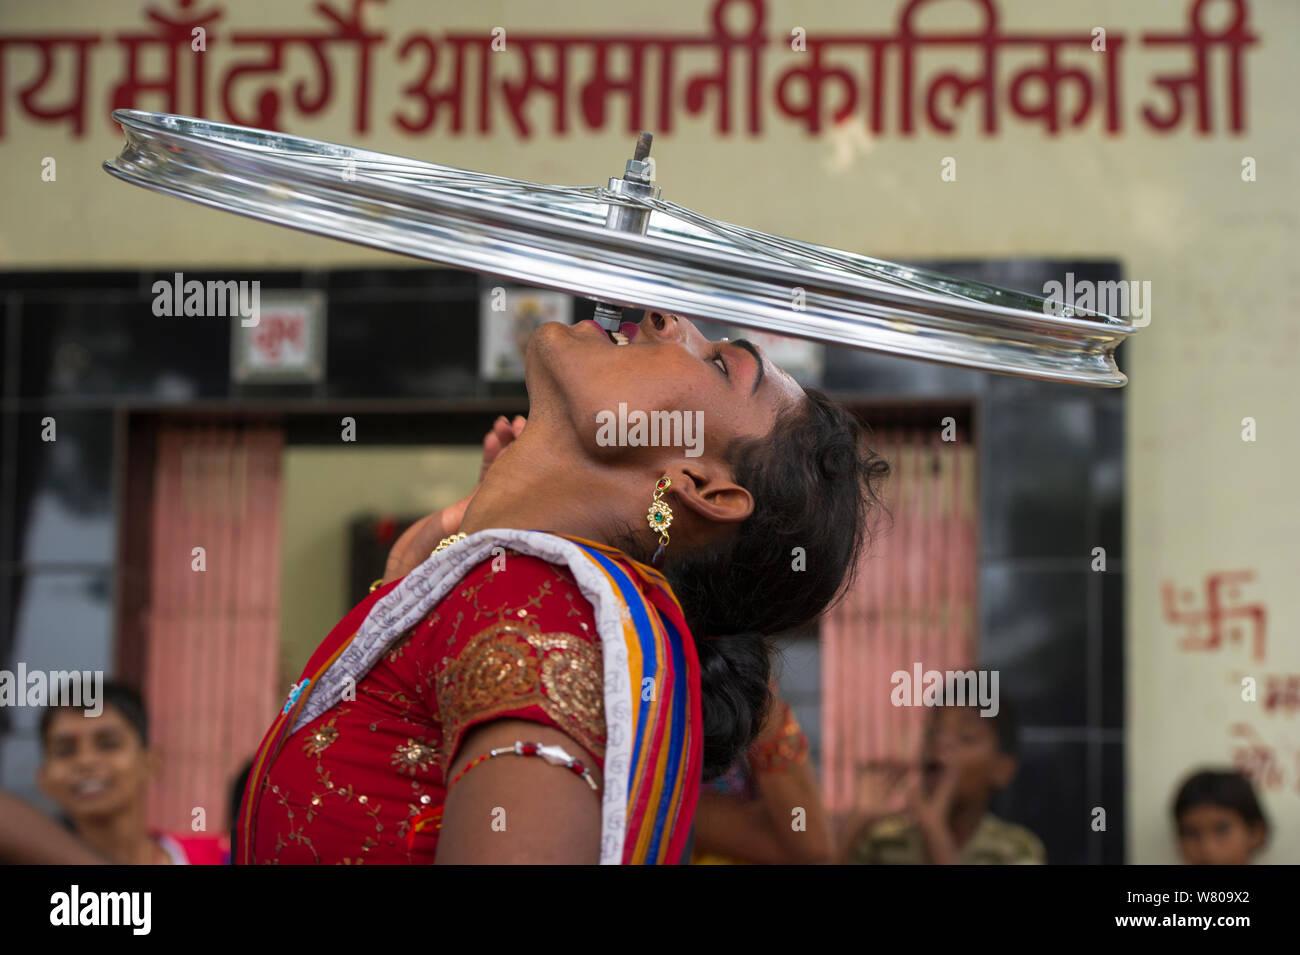 Hijra Stock Photos & Hijra Stock Images - Alamy